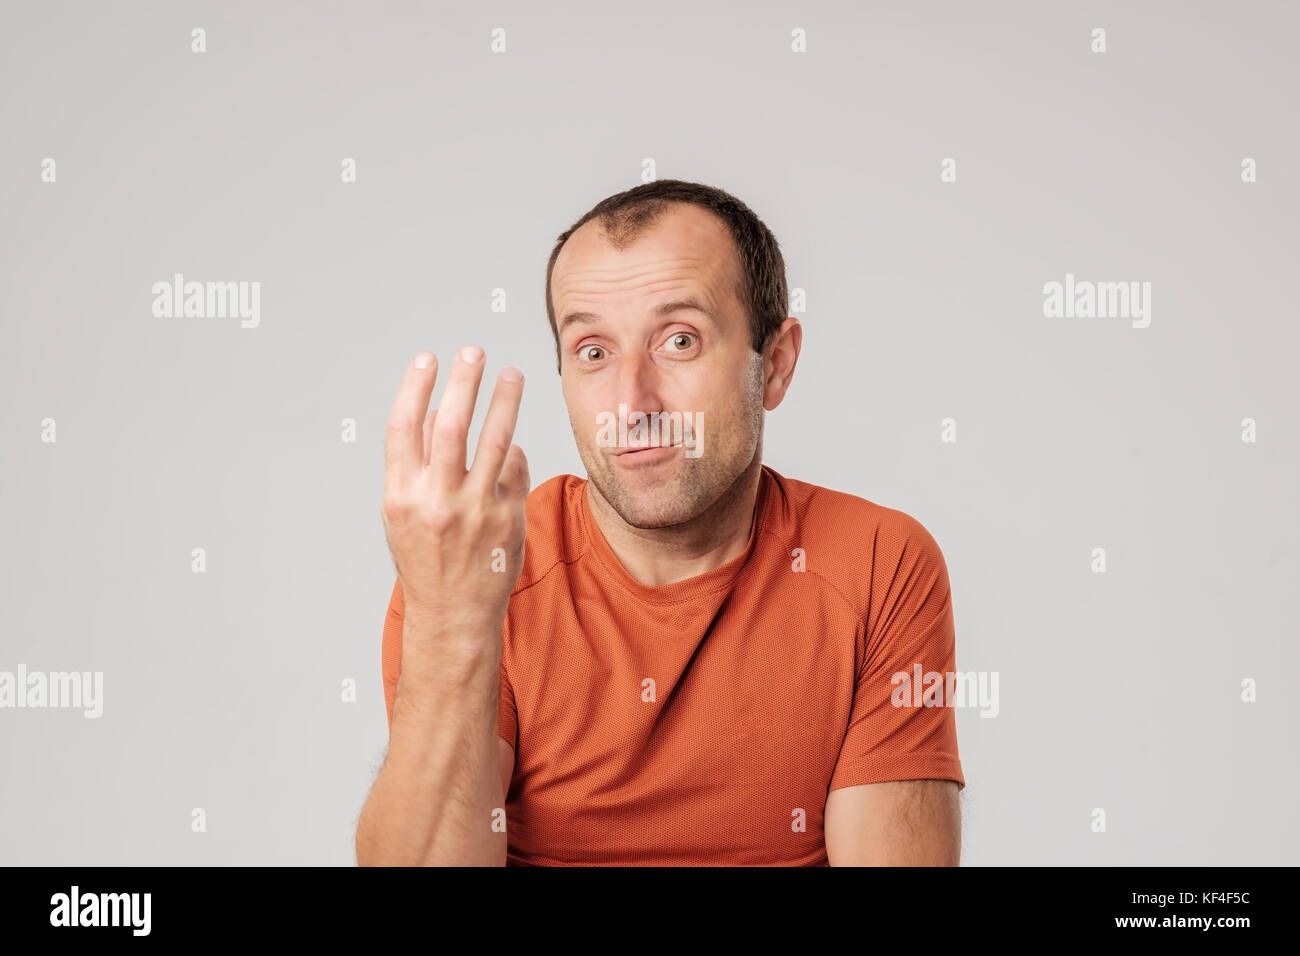 Un adulto uomo spagnolo in una T-shirt che mostra tre fongers in dubbio. Egli guarda la telecamera in sconcerto Immagini Stock